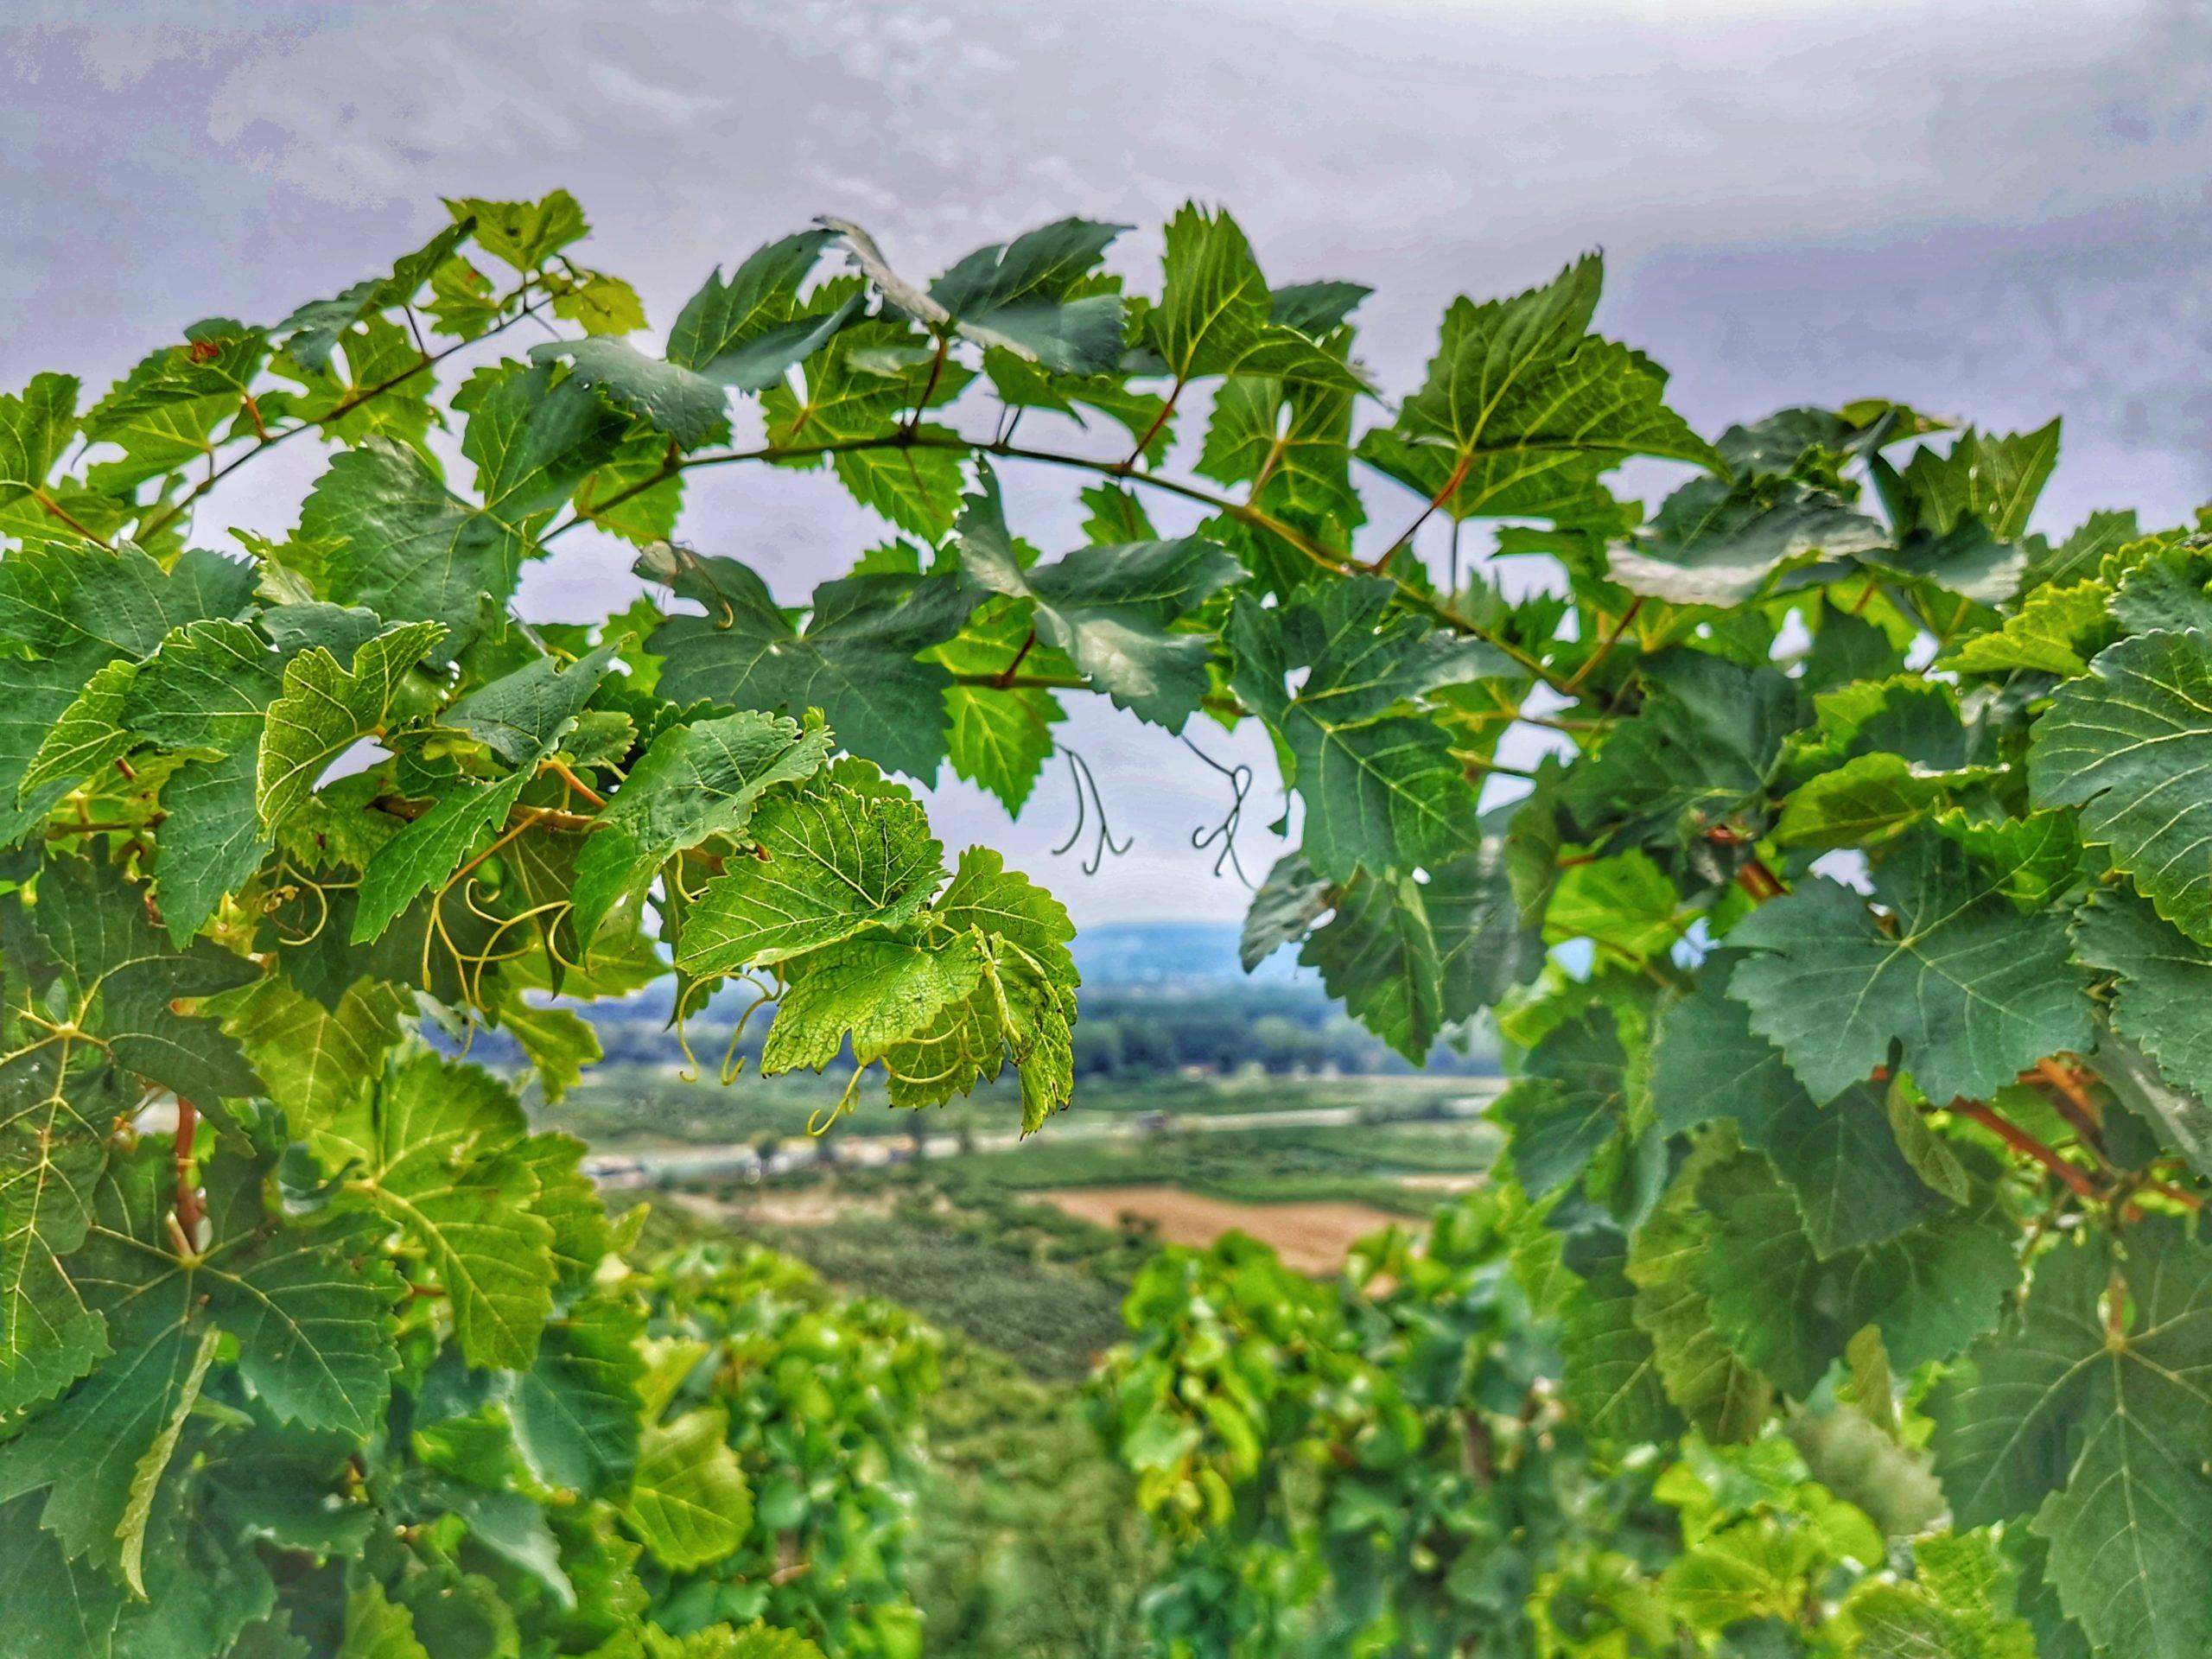 Le développement de la vigne au fil des saisons